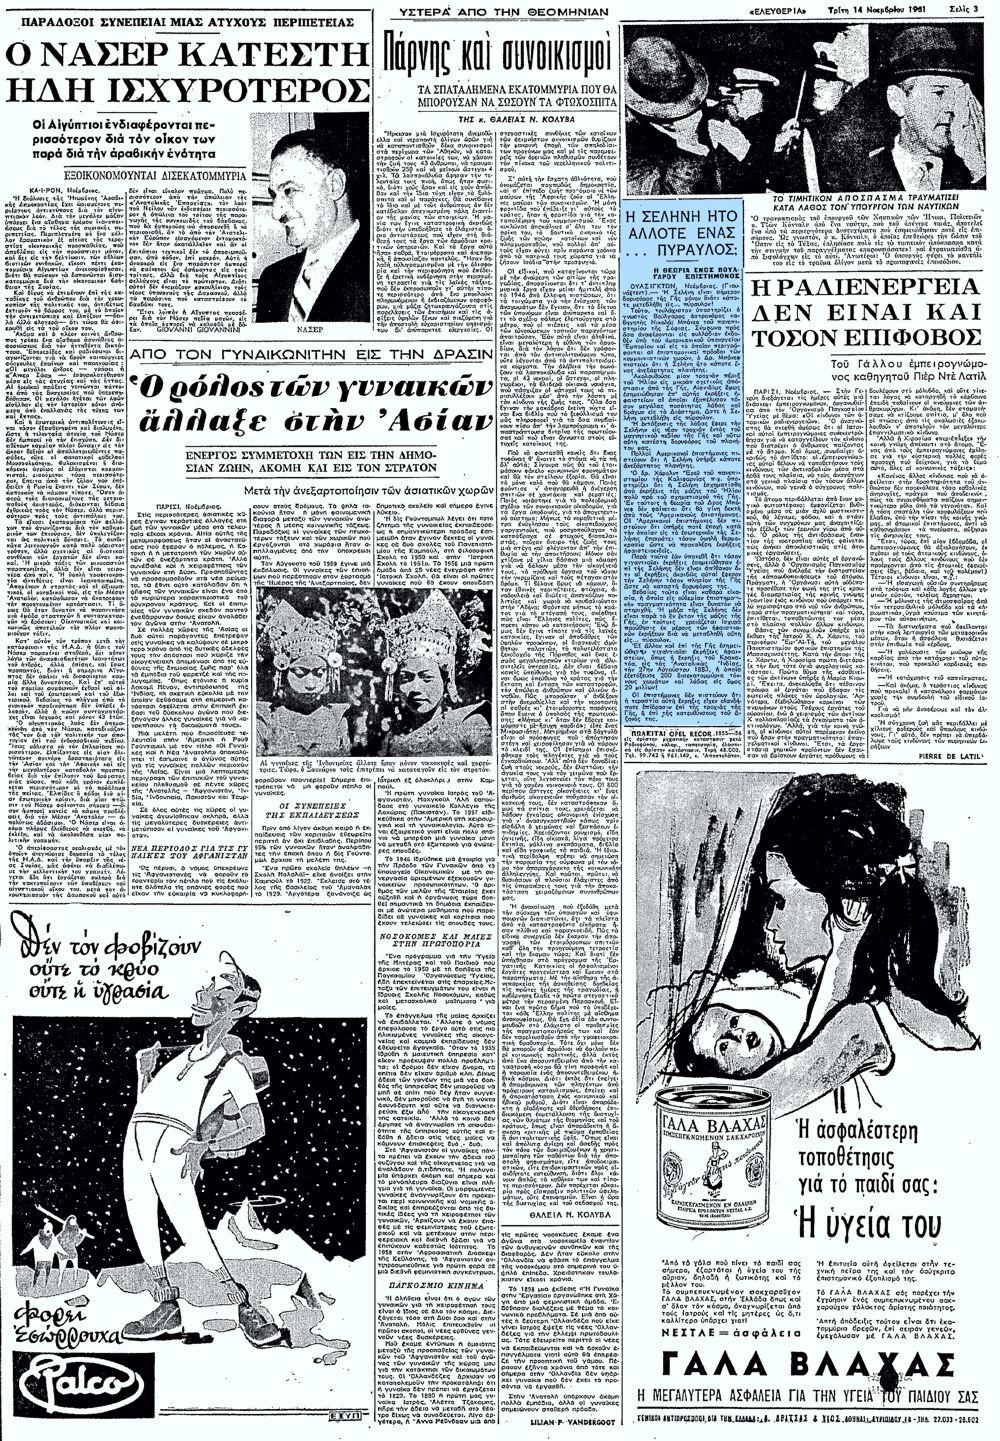 """Το άρθρο, όπως δημοσιεύθηκε στην εφημερίδα """"ΕΛΕΥΘΕΡΙΑ"""", στις 14/11/1961"""